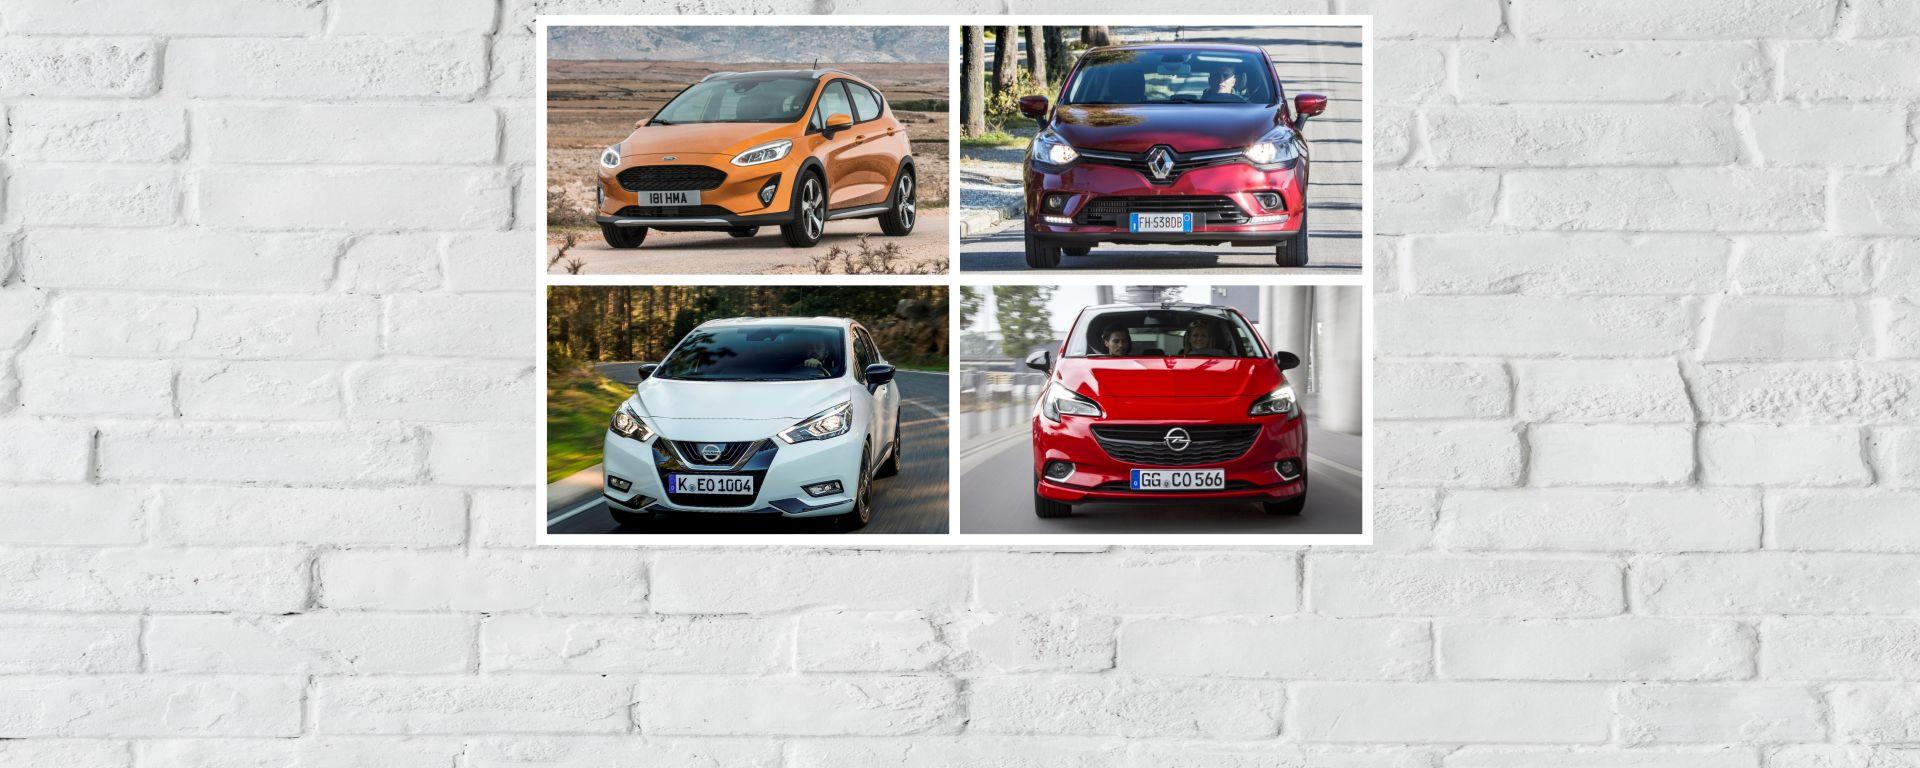 Utilitarie a GPL, Opel Corsa contro tutte